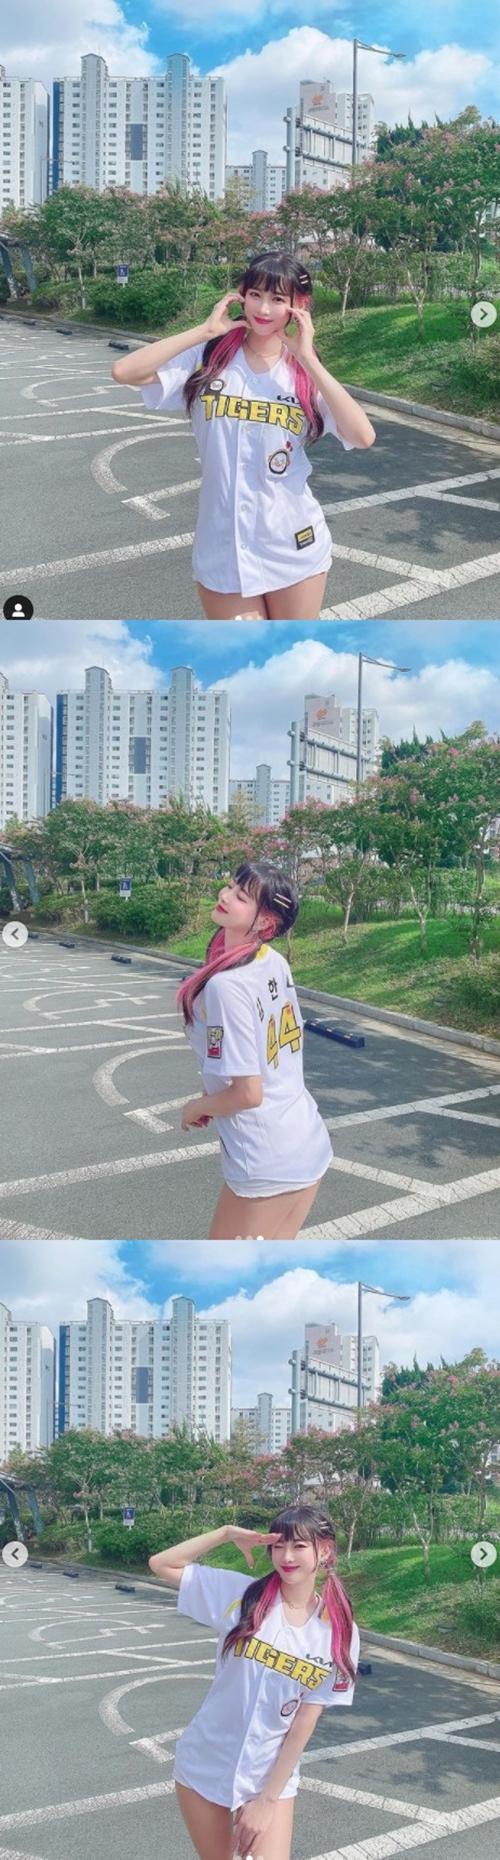 김한나 치어리더, 펭니폼 입고 꿀벅지 자랑 [똑똑SNS]